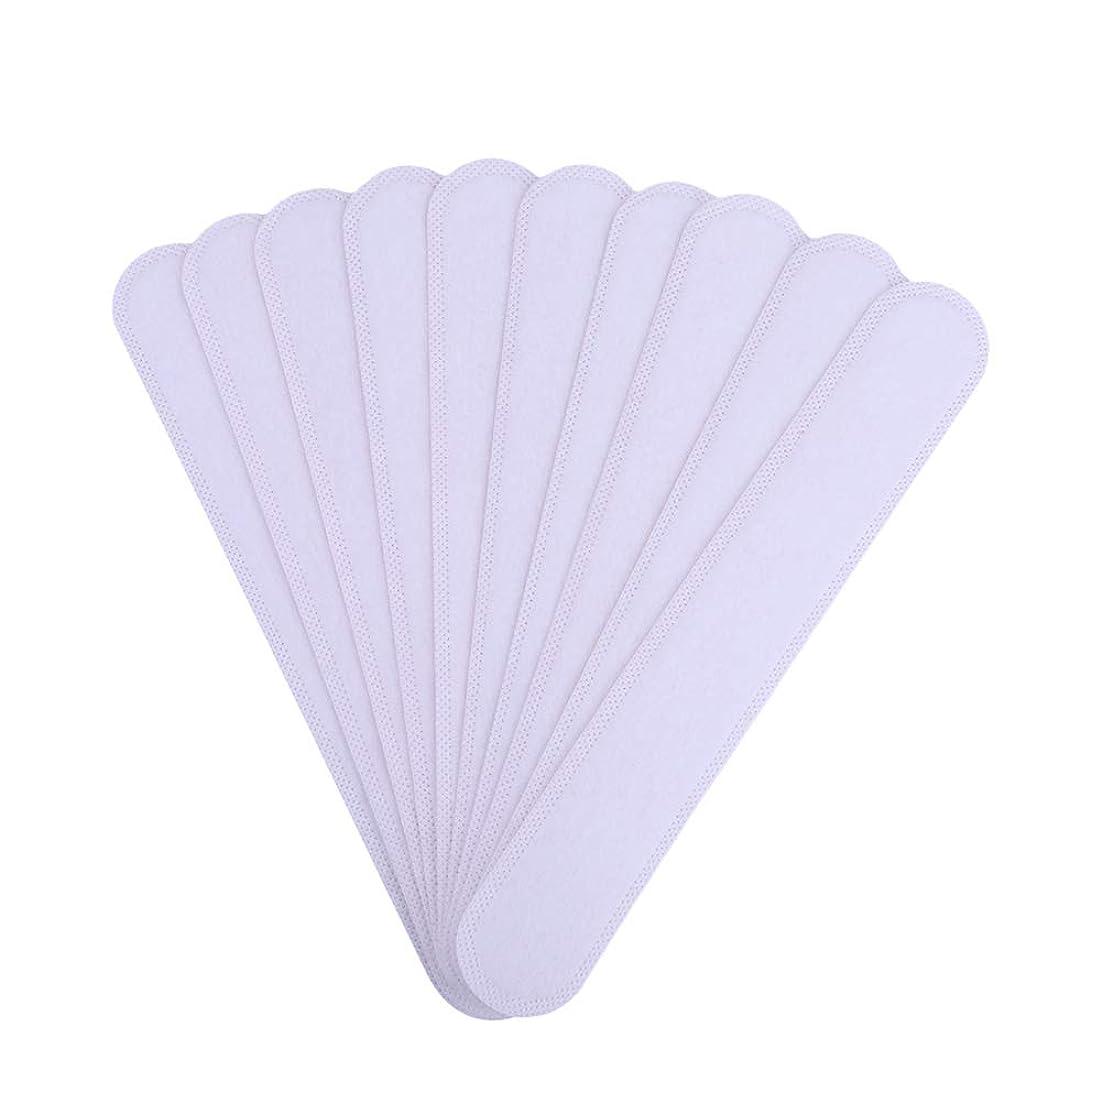 ごちそうまろやかな生き返らせるAMAA バッド 10枚入 使い捨てタイプ Yシャツ 帽子 汗染み 汗跡 予防 カラーネックライナーパッド (10枚)